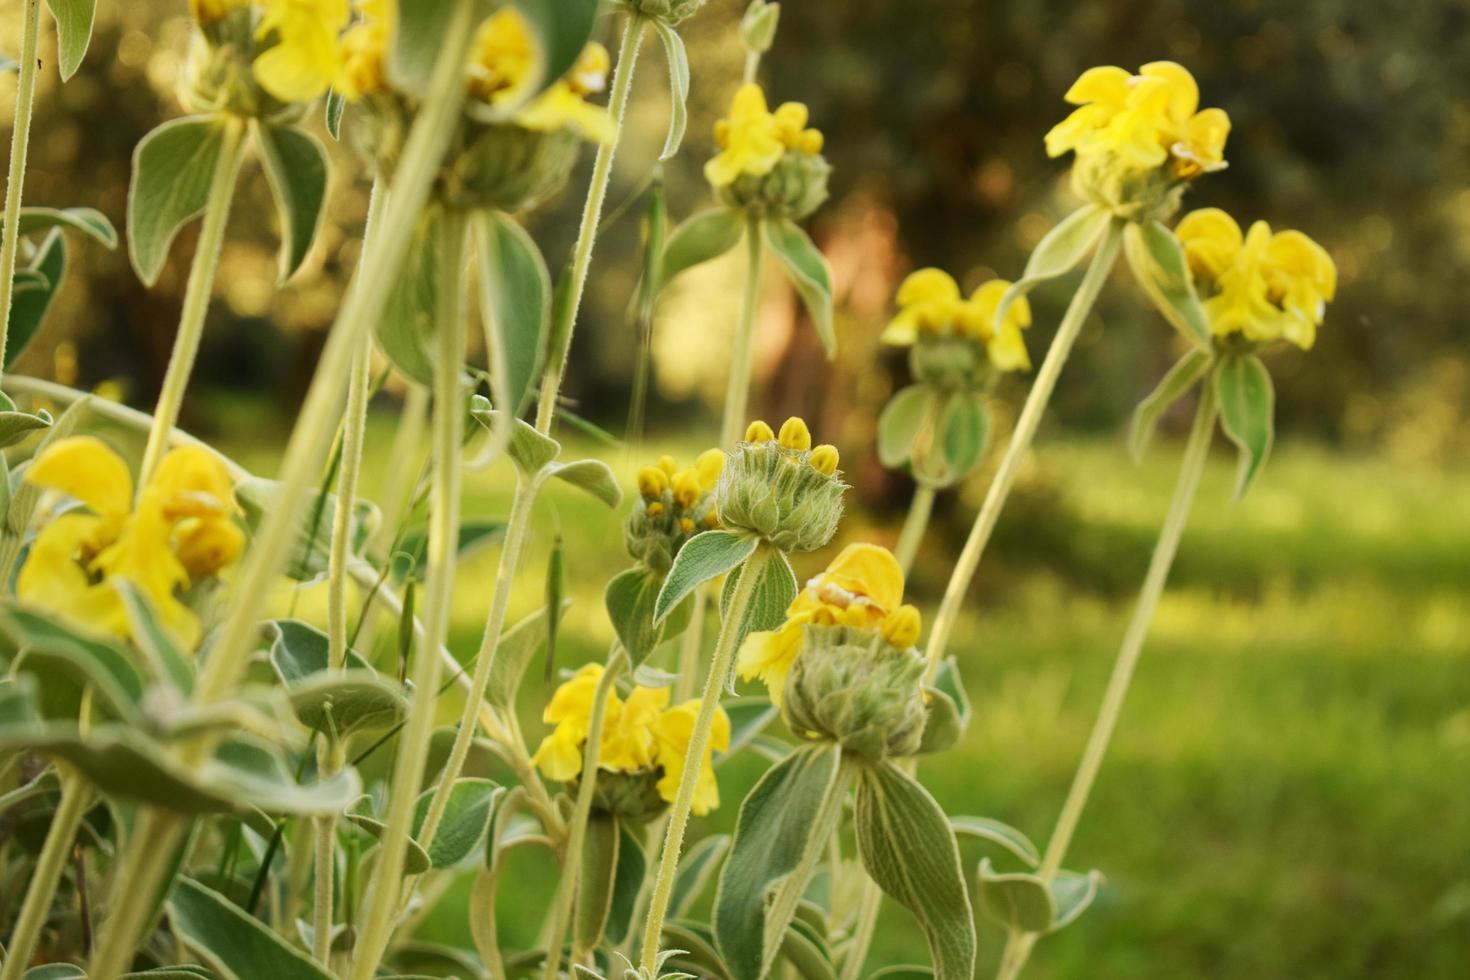 fleurs jaunes dans l'objectif tilt shift photo